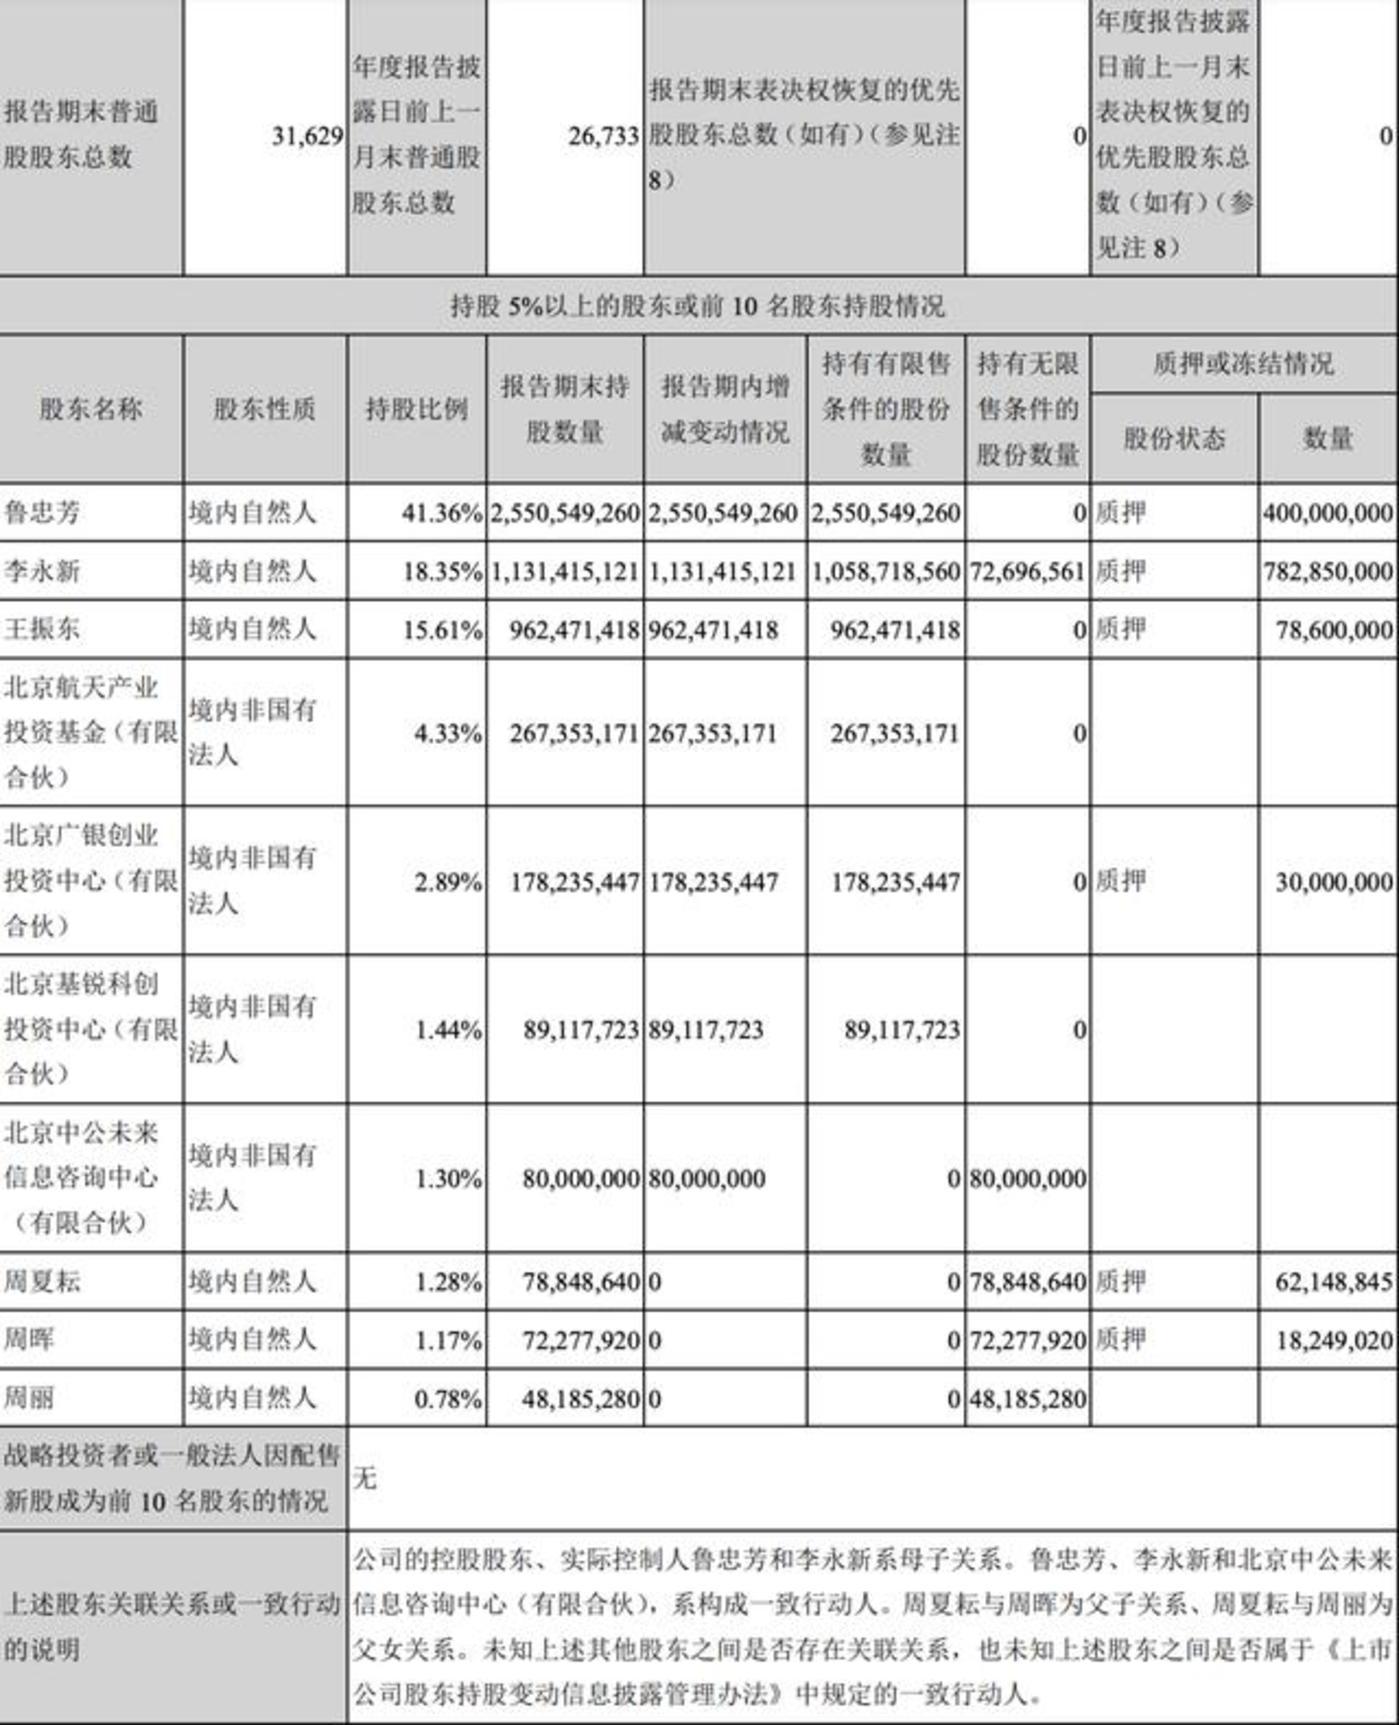 中公教育大股东股权信息(2019年年报)